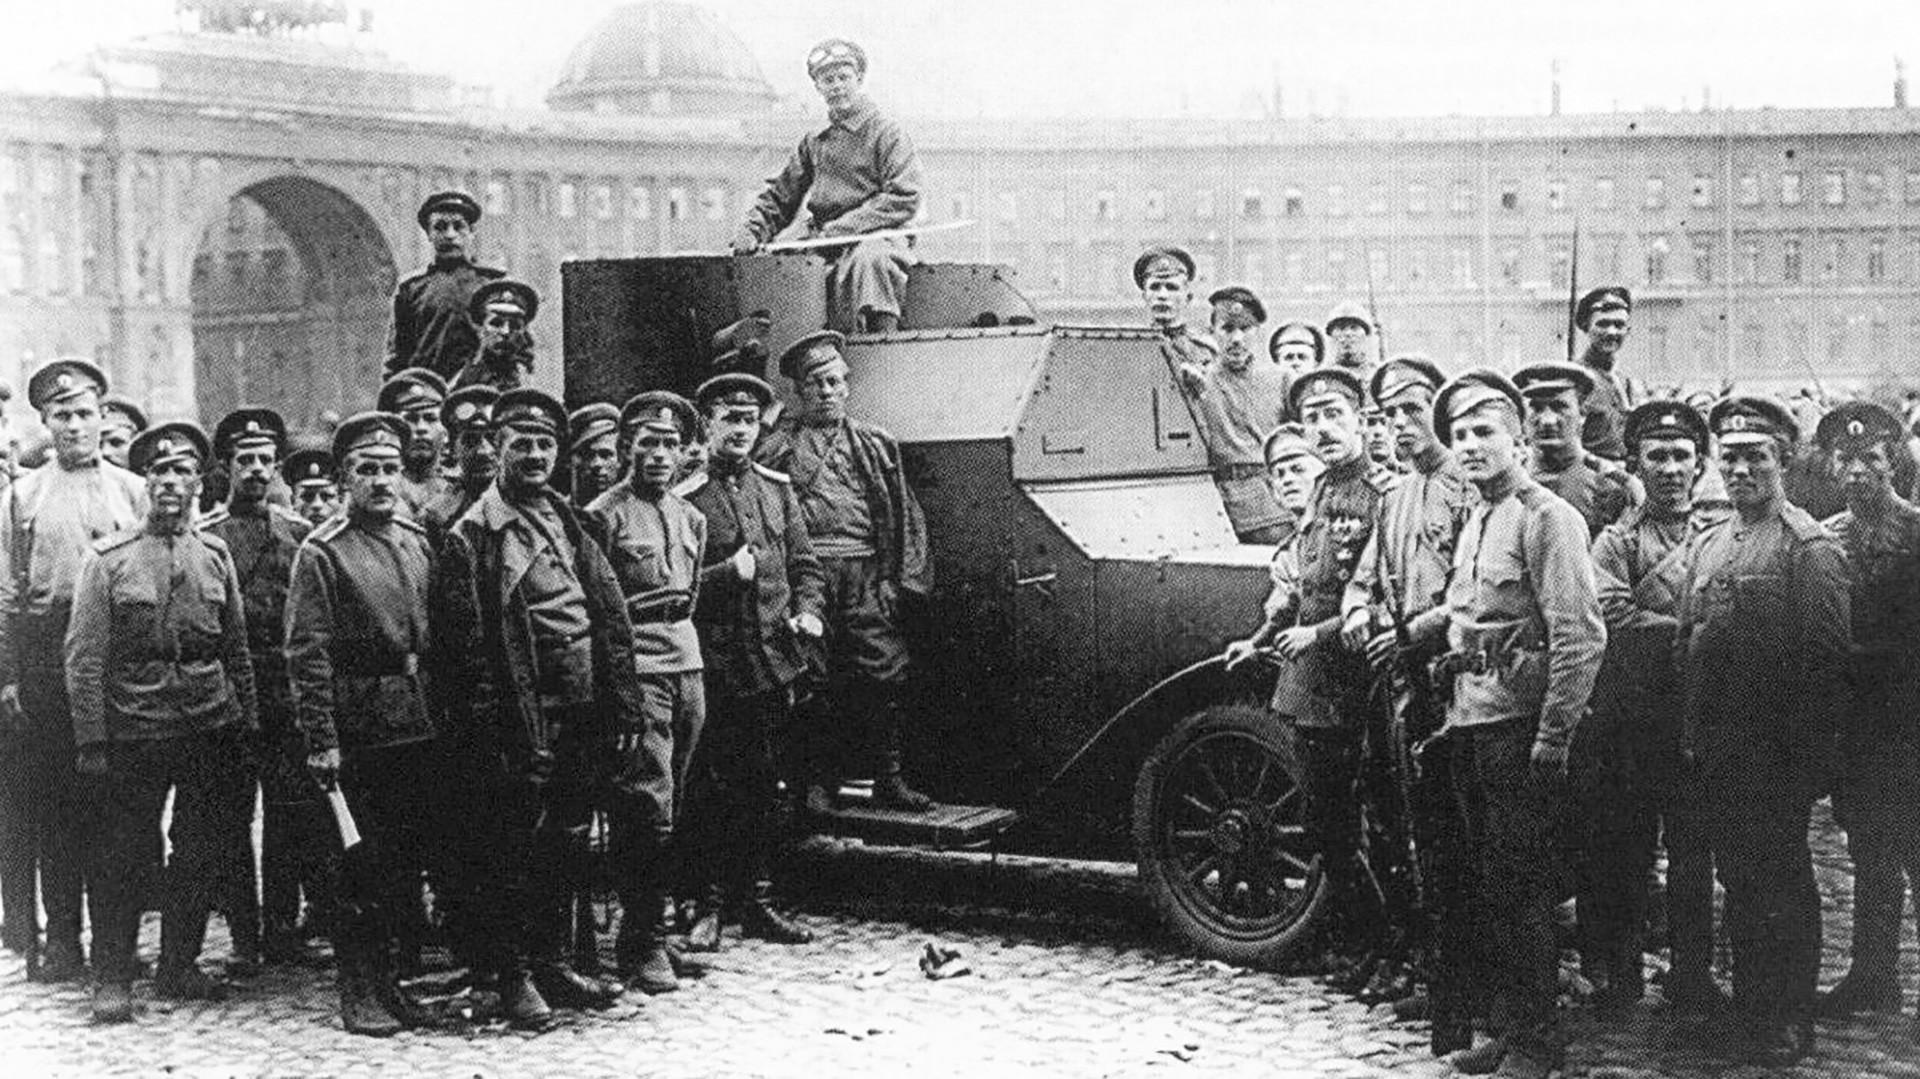 Piazza del Palazzo. Pietrogrado, 1917